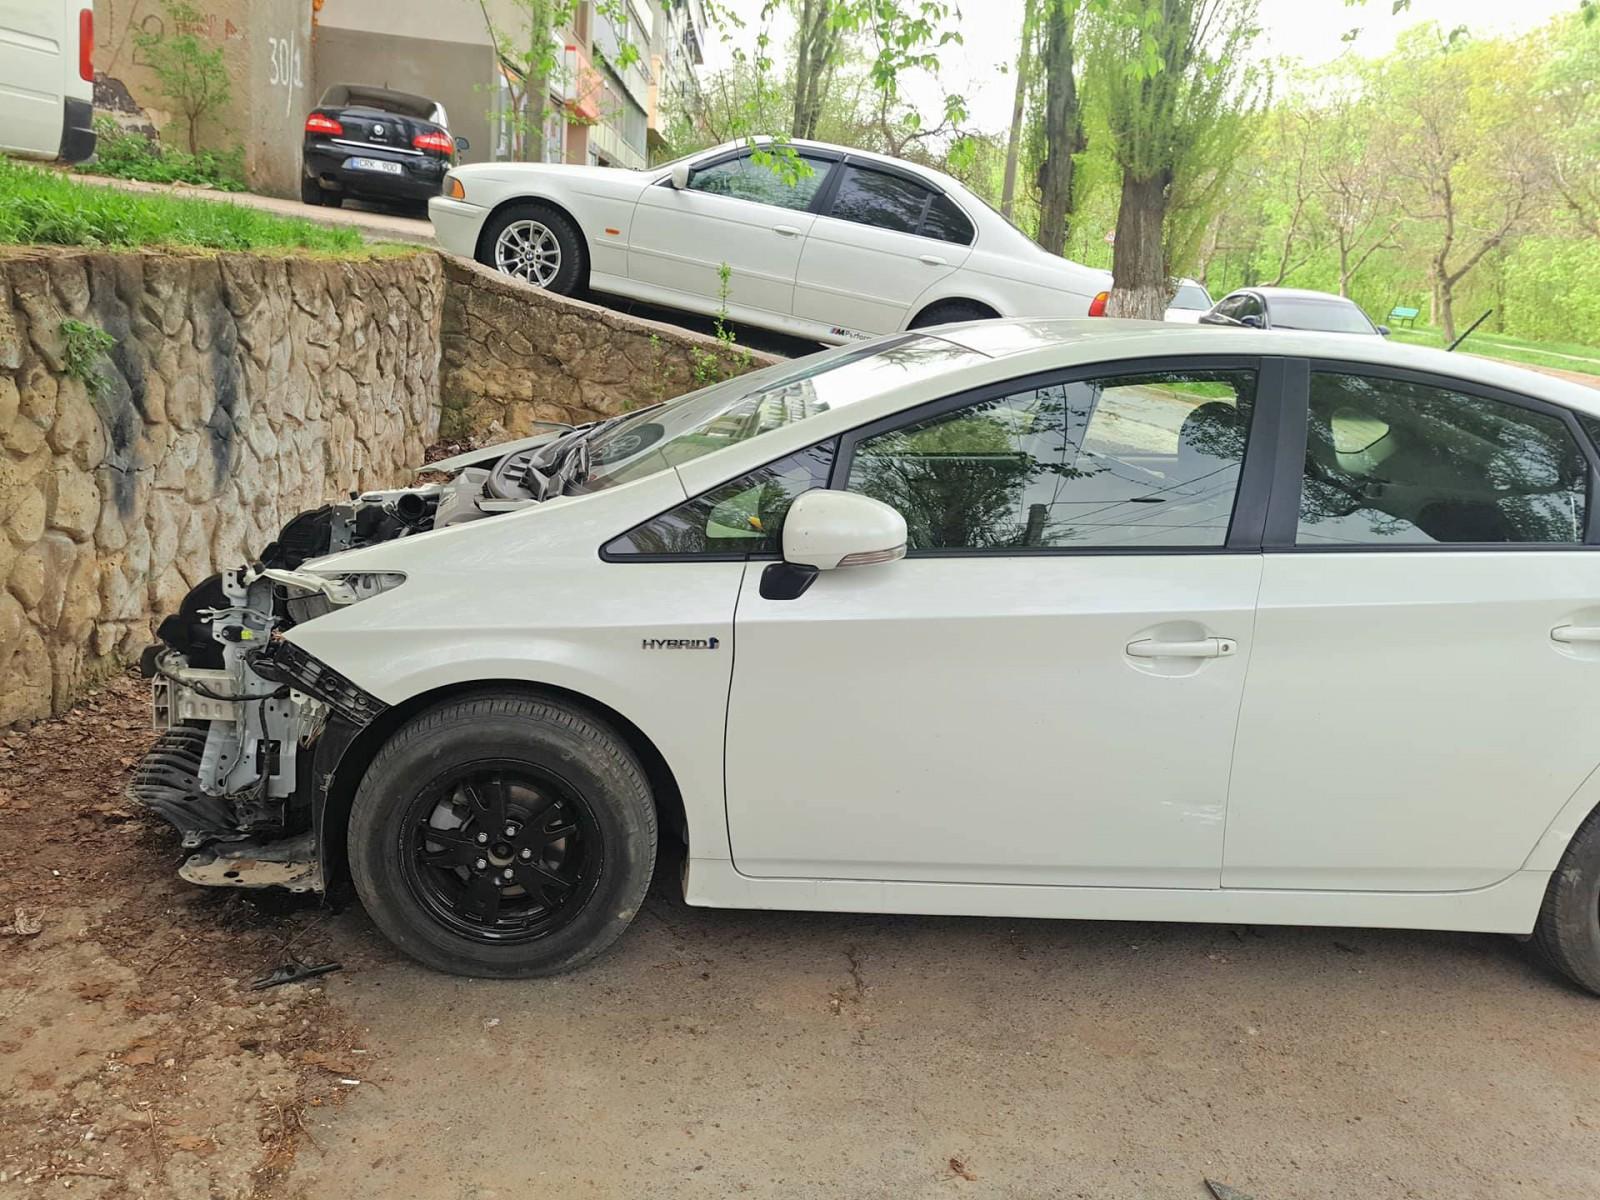 (video) Incident misterios în capitală! I-au desfăcut mașina practic în bucăți, i-au luat nişte bani, dar actele nu i le-au furat